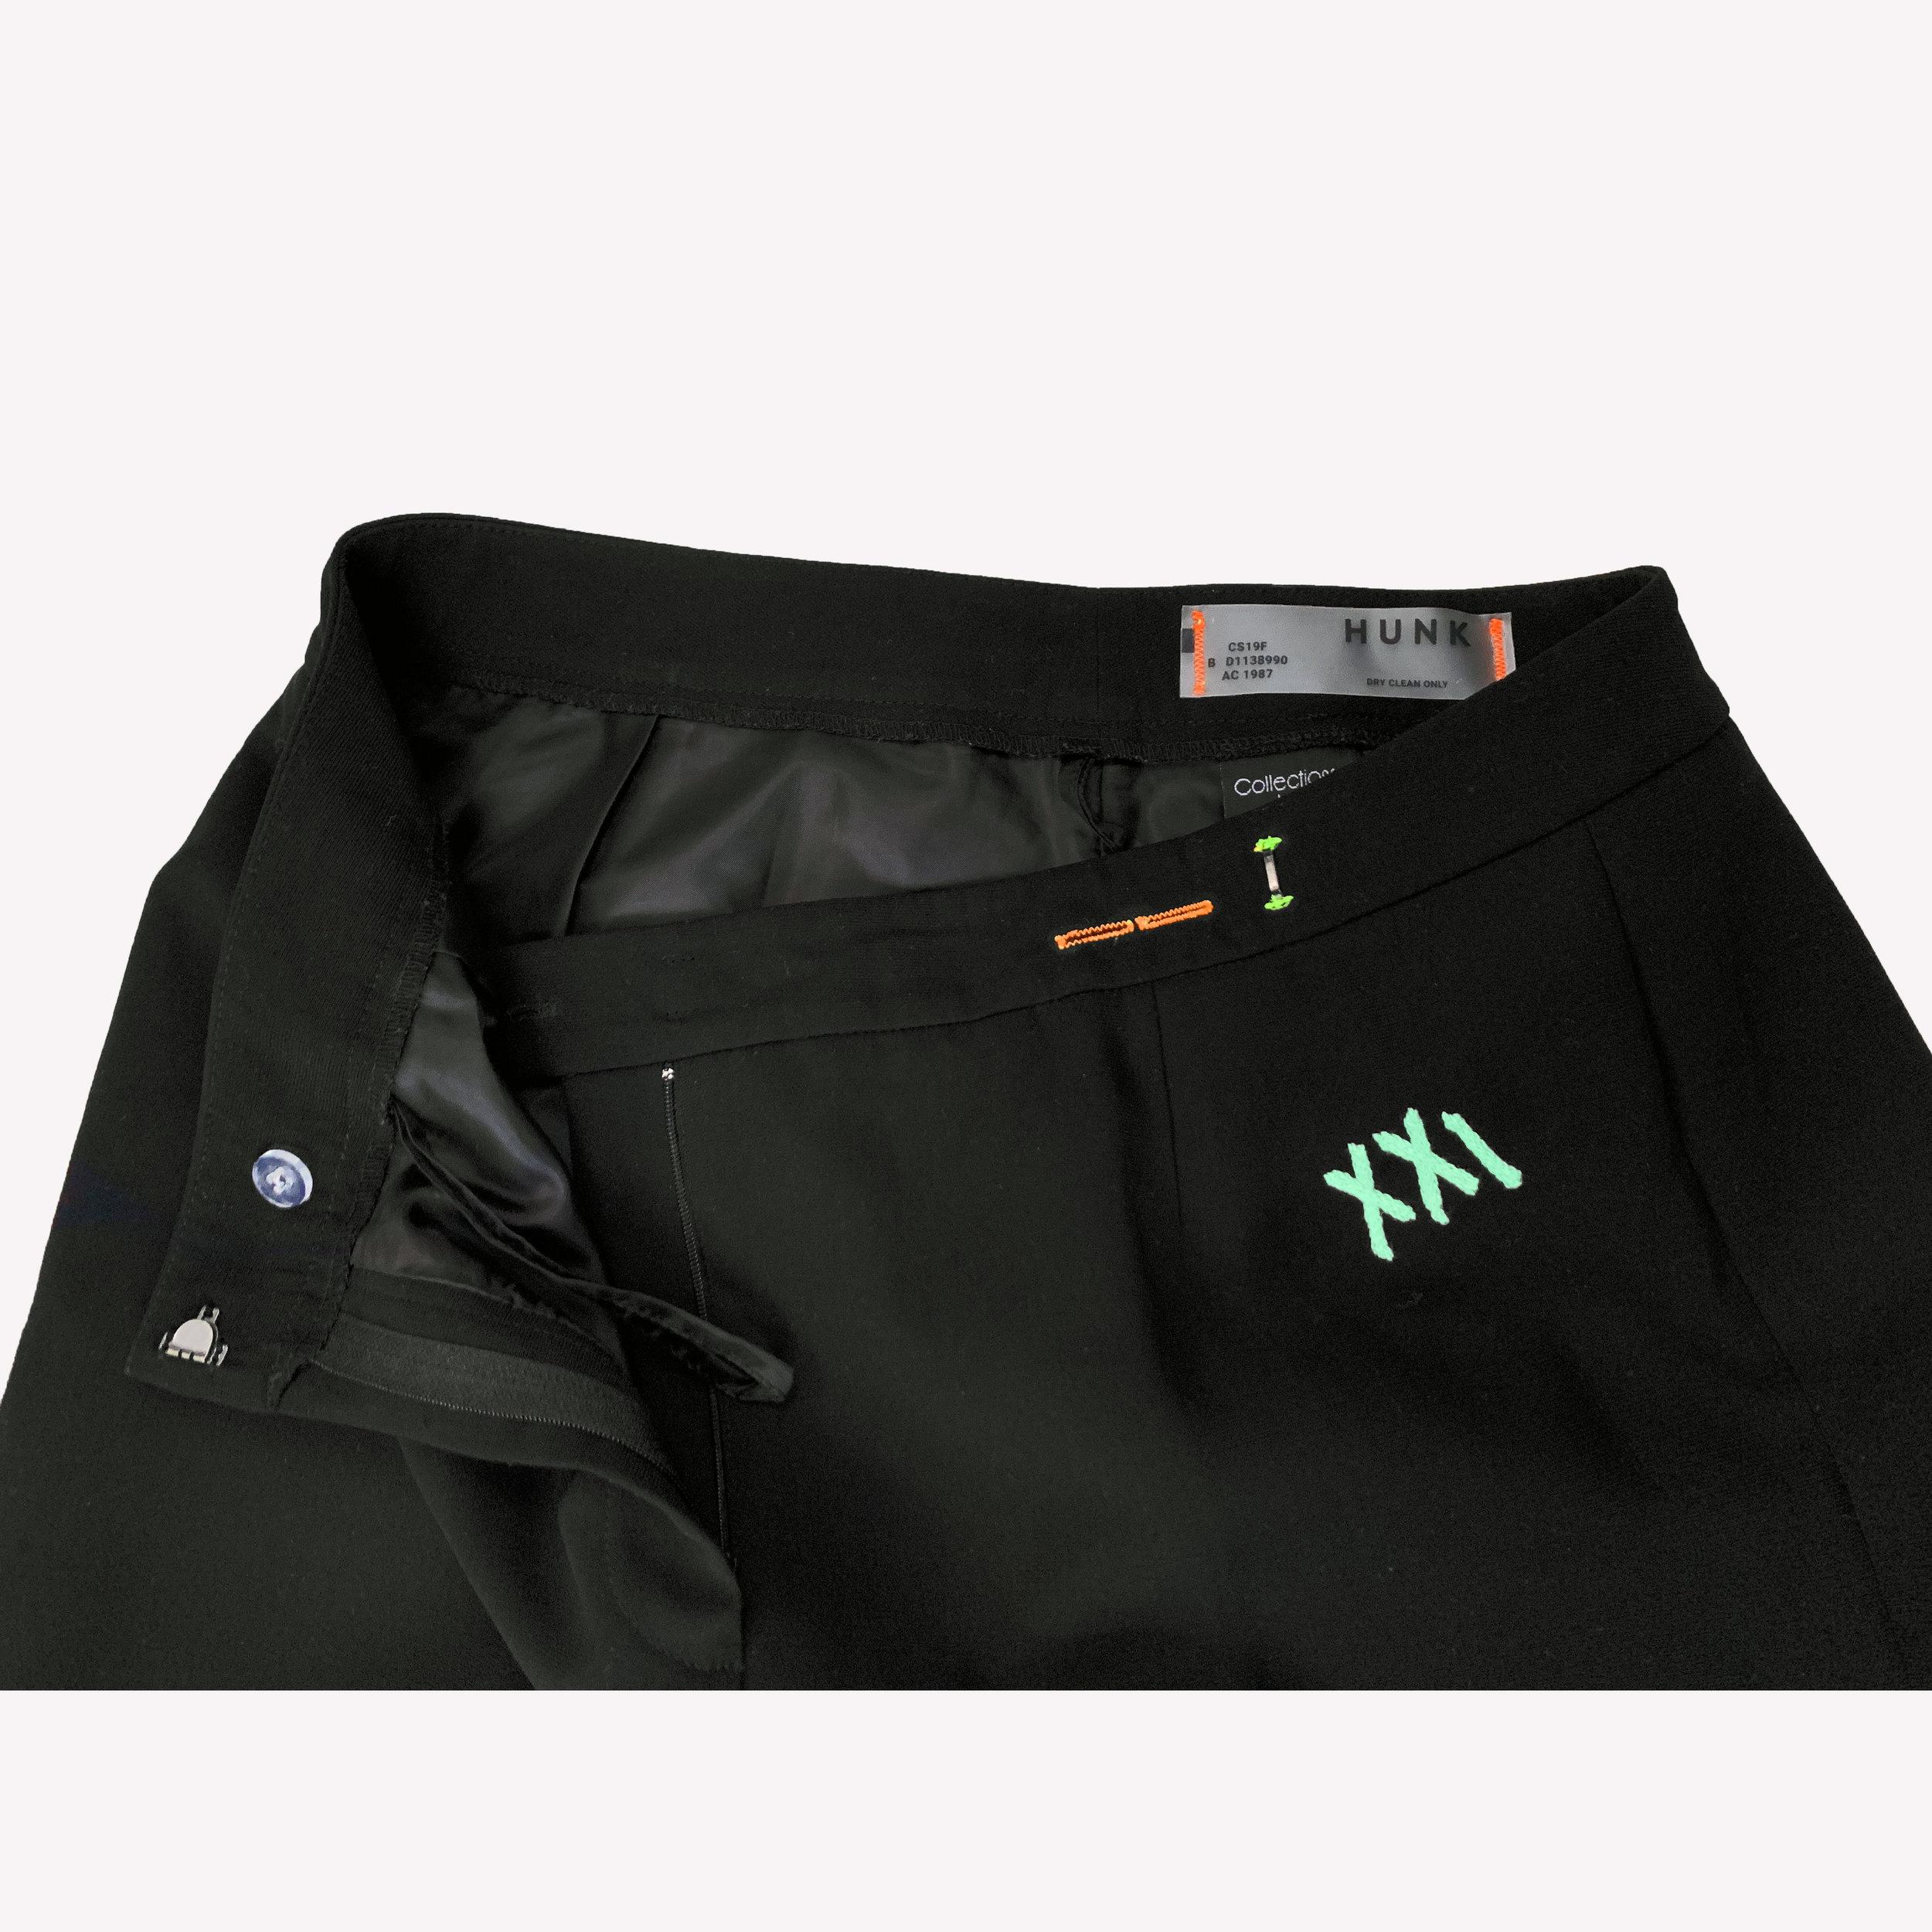 Suit Pants Close Up copy.jpg